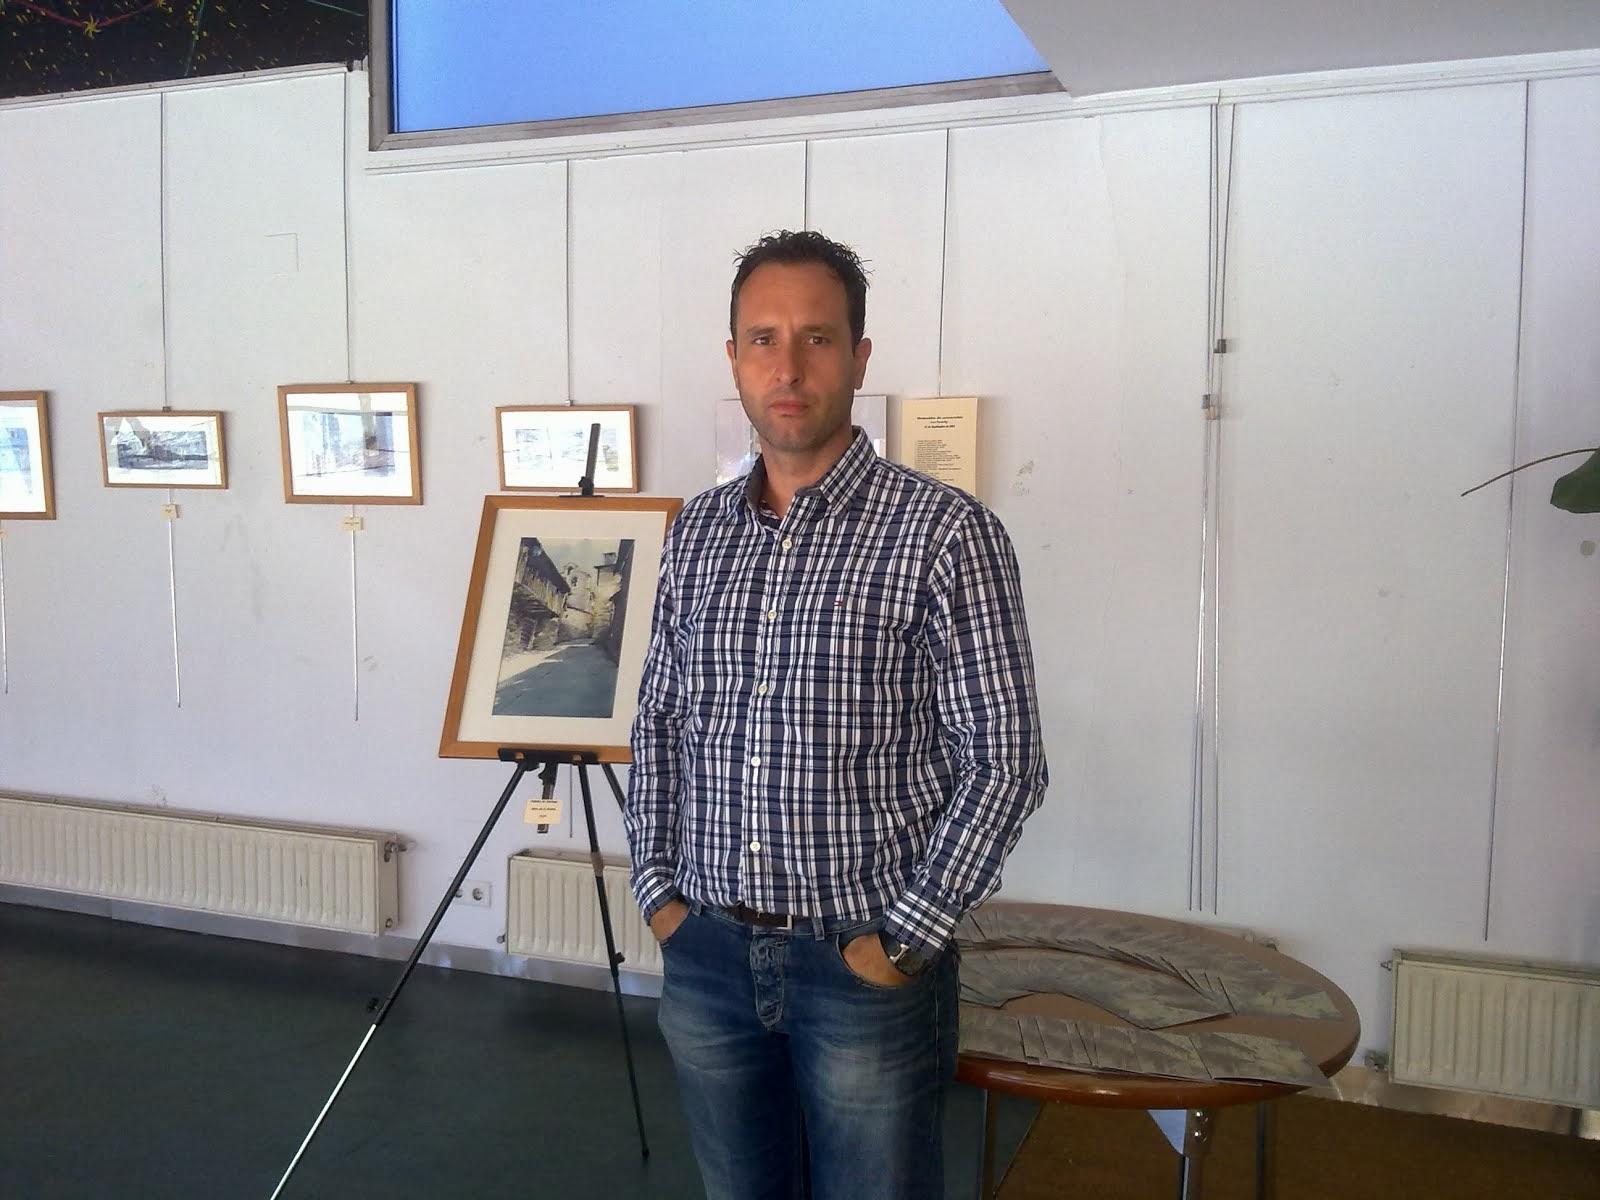 Exposición de acuarelas en el Centro Cívico del Crucero. León.